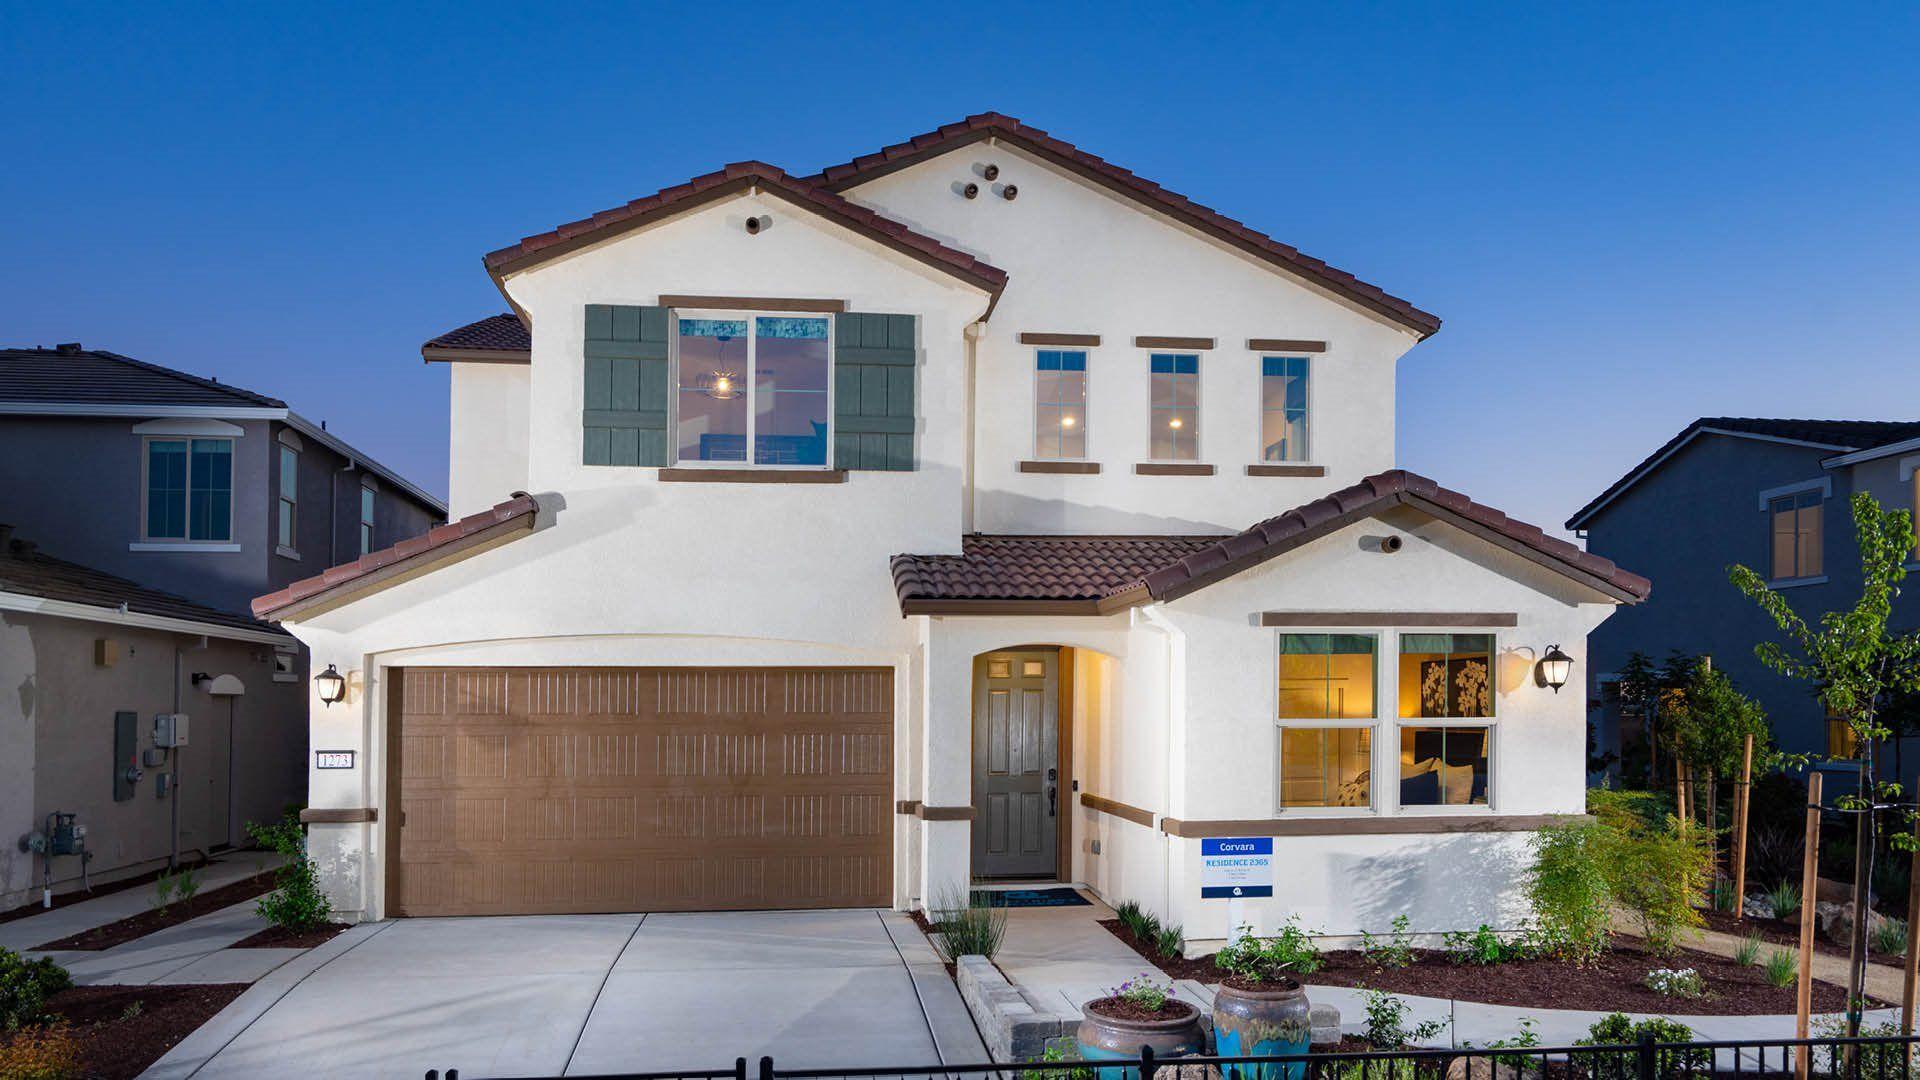 Residence 2365 | Model Home